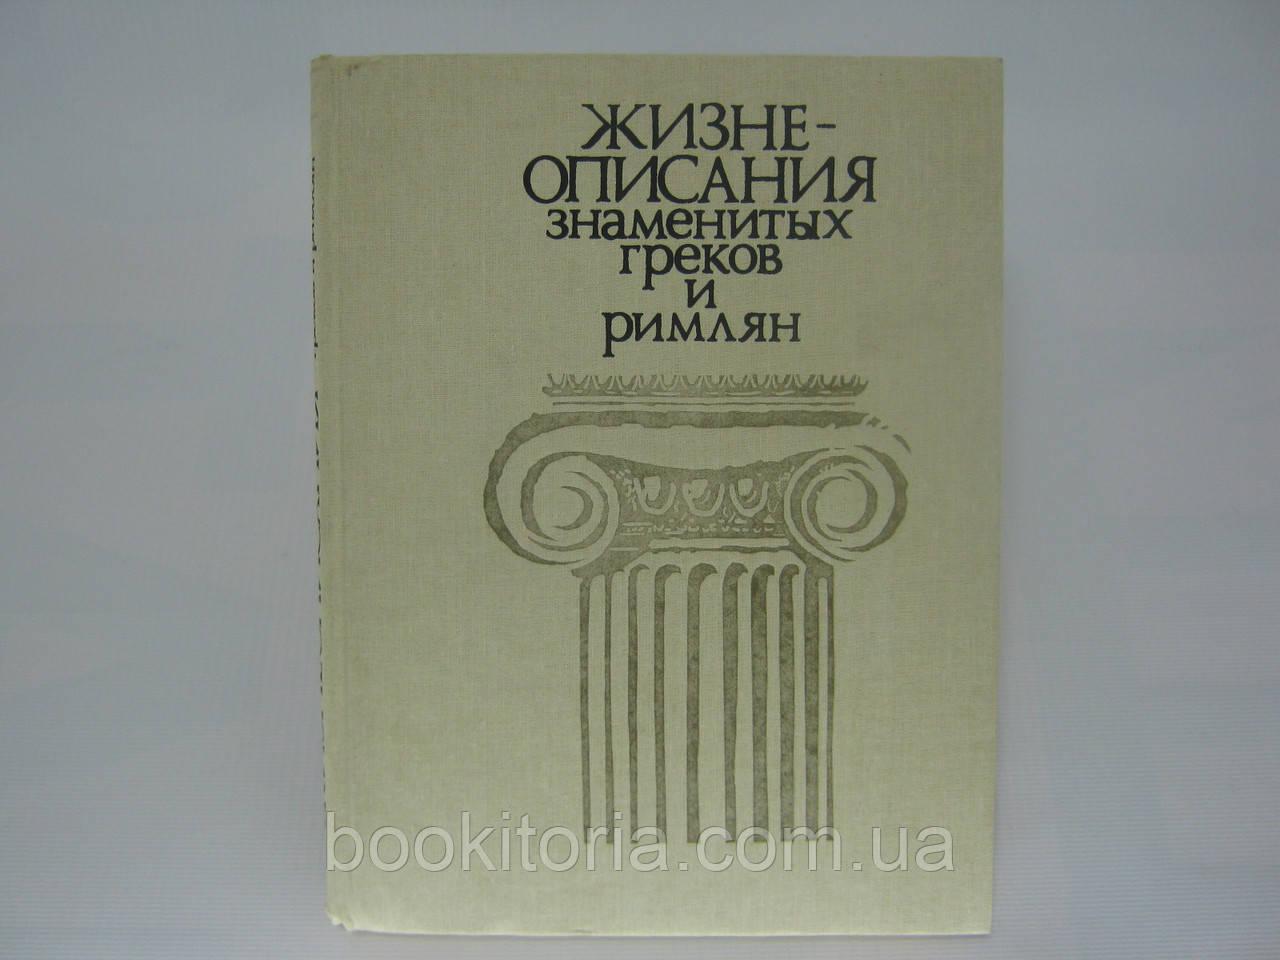 Ботвинник М.Н. и др. Жизнеописания знаменитых греков и римлян (б/у).